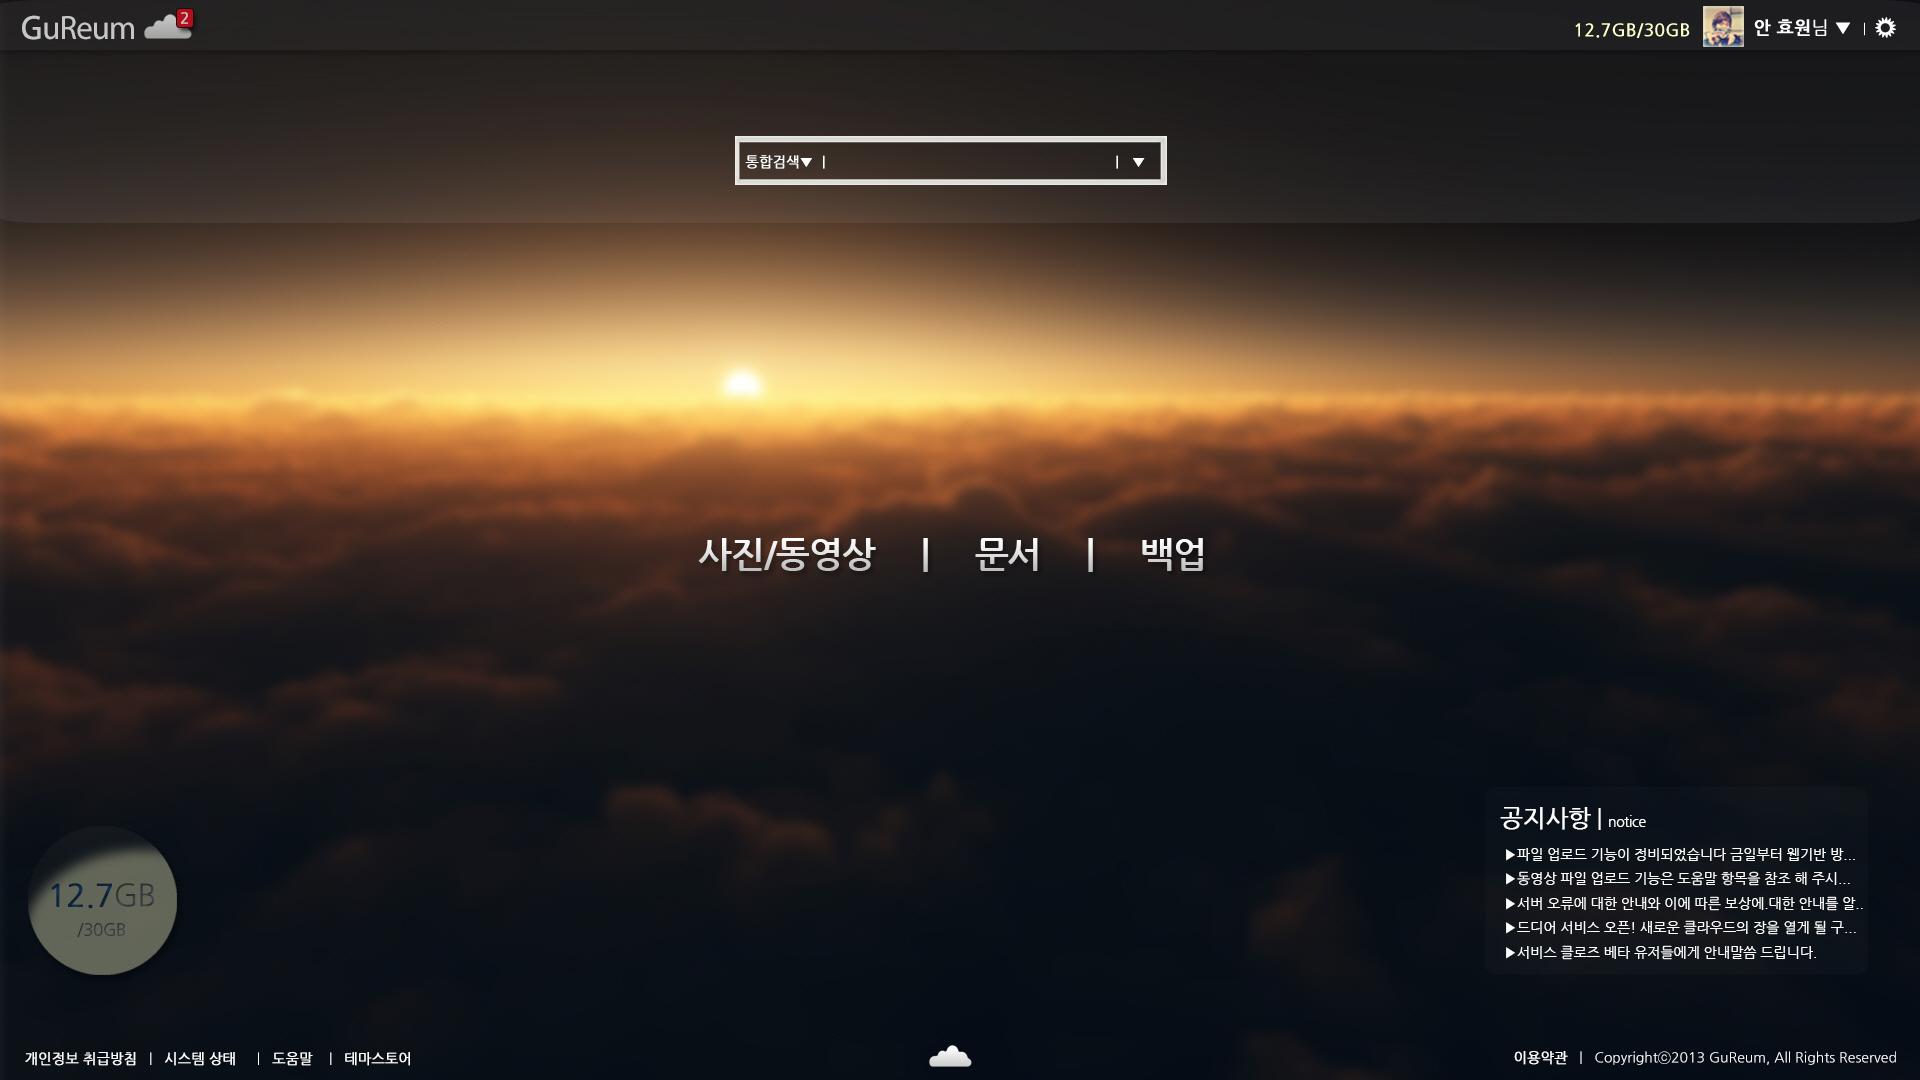 로그인후 화면_night-복구됨.jpg